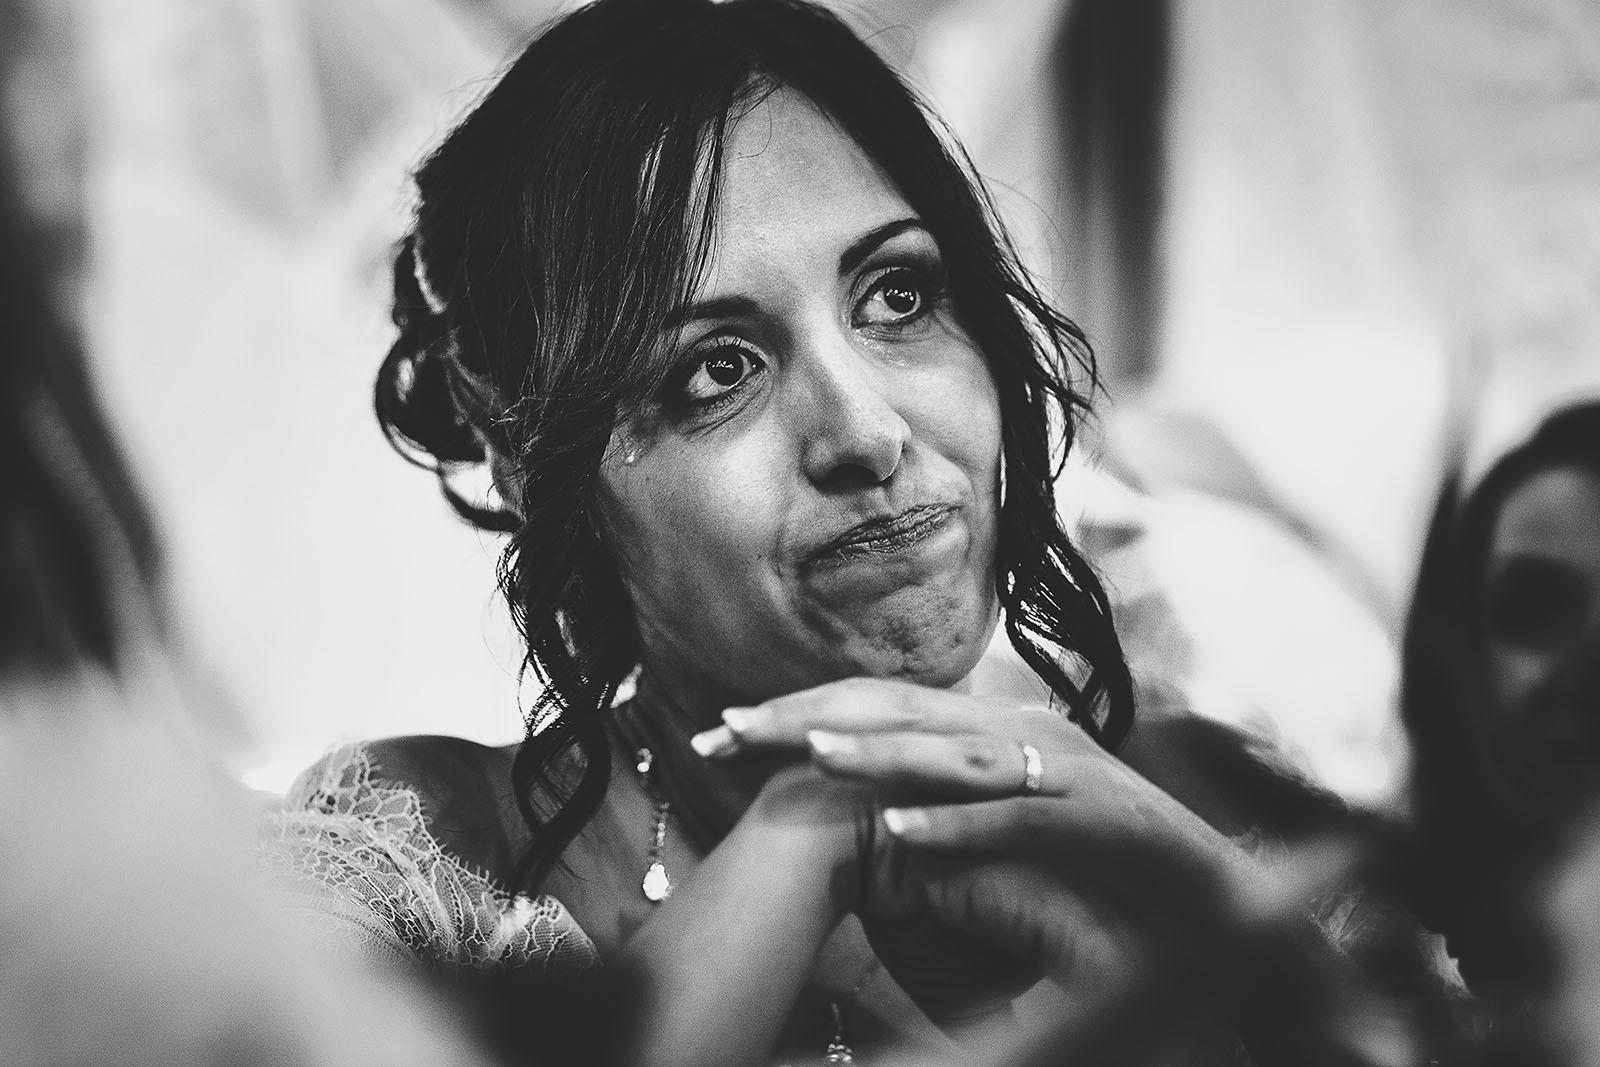 Mariage Villa Quélude David Pommier photographe de mariage. L'émotion et les larmes de la mariée